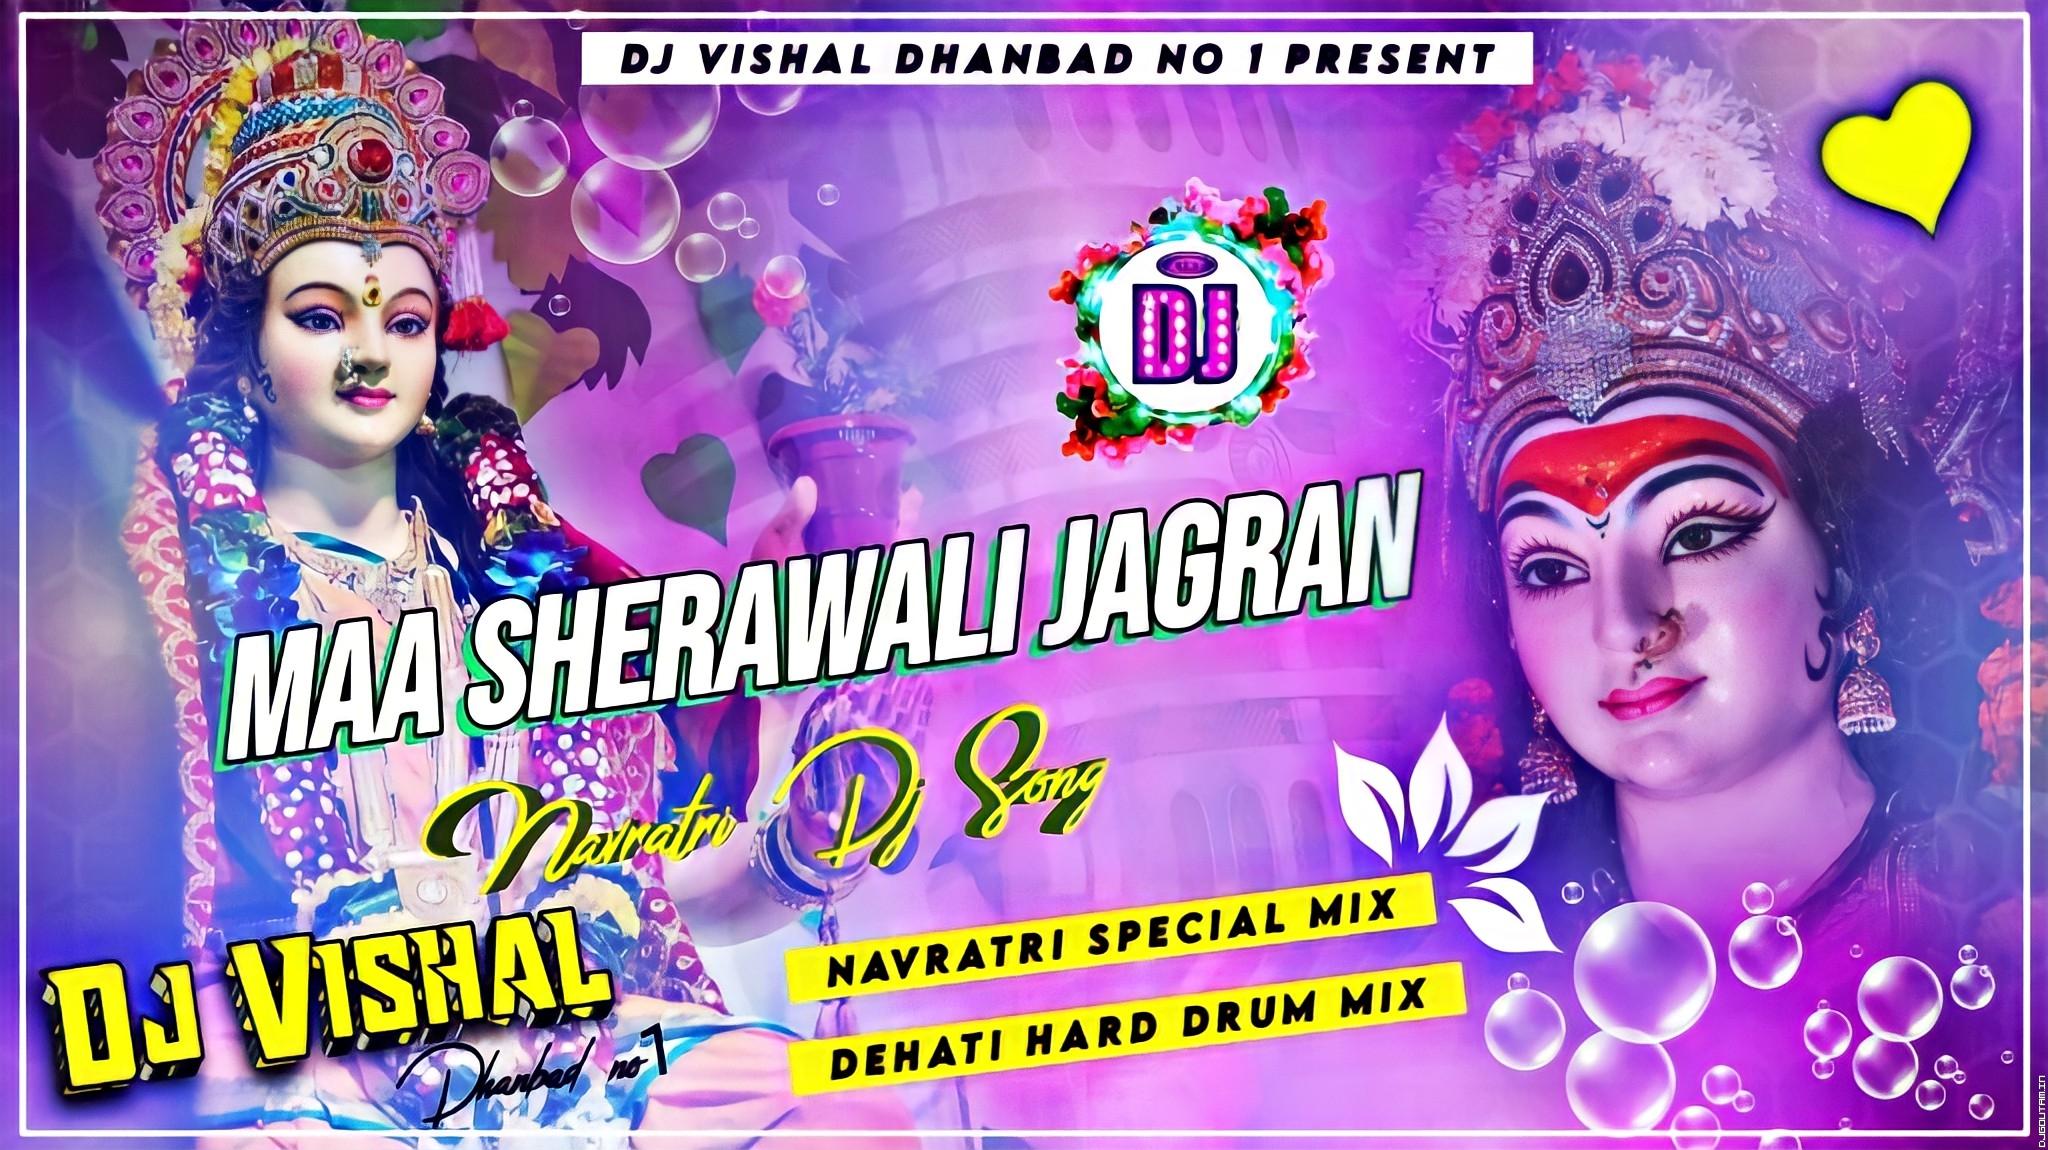 Maa SheraWali Jagran Dehati Drum Bass Mix DjVishal Production.mp3